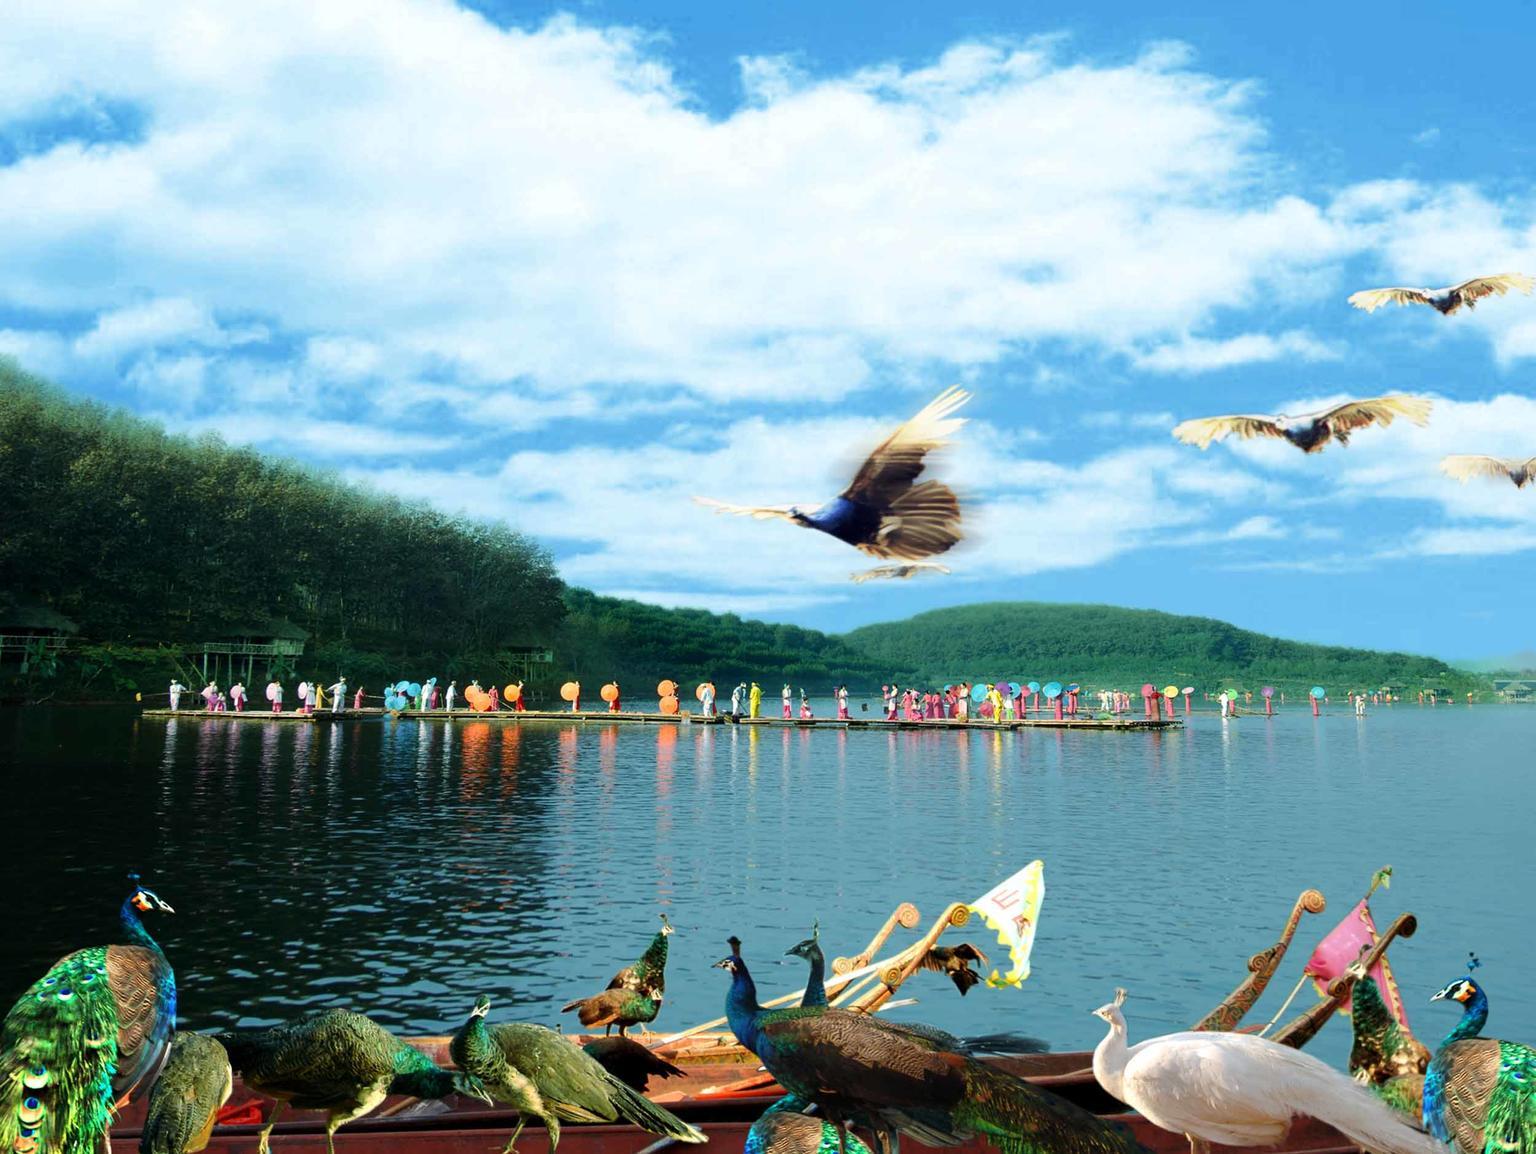 云南省西双版纳市十大旅游景点排行榜 西双... _360常识网手机页